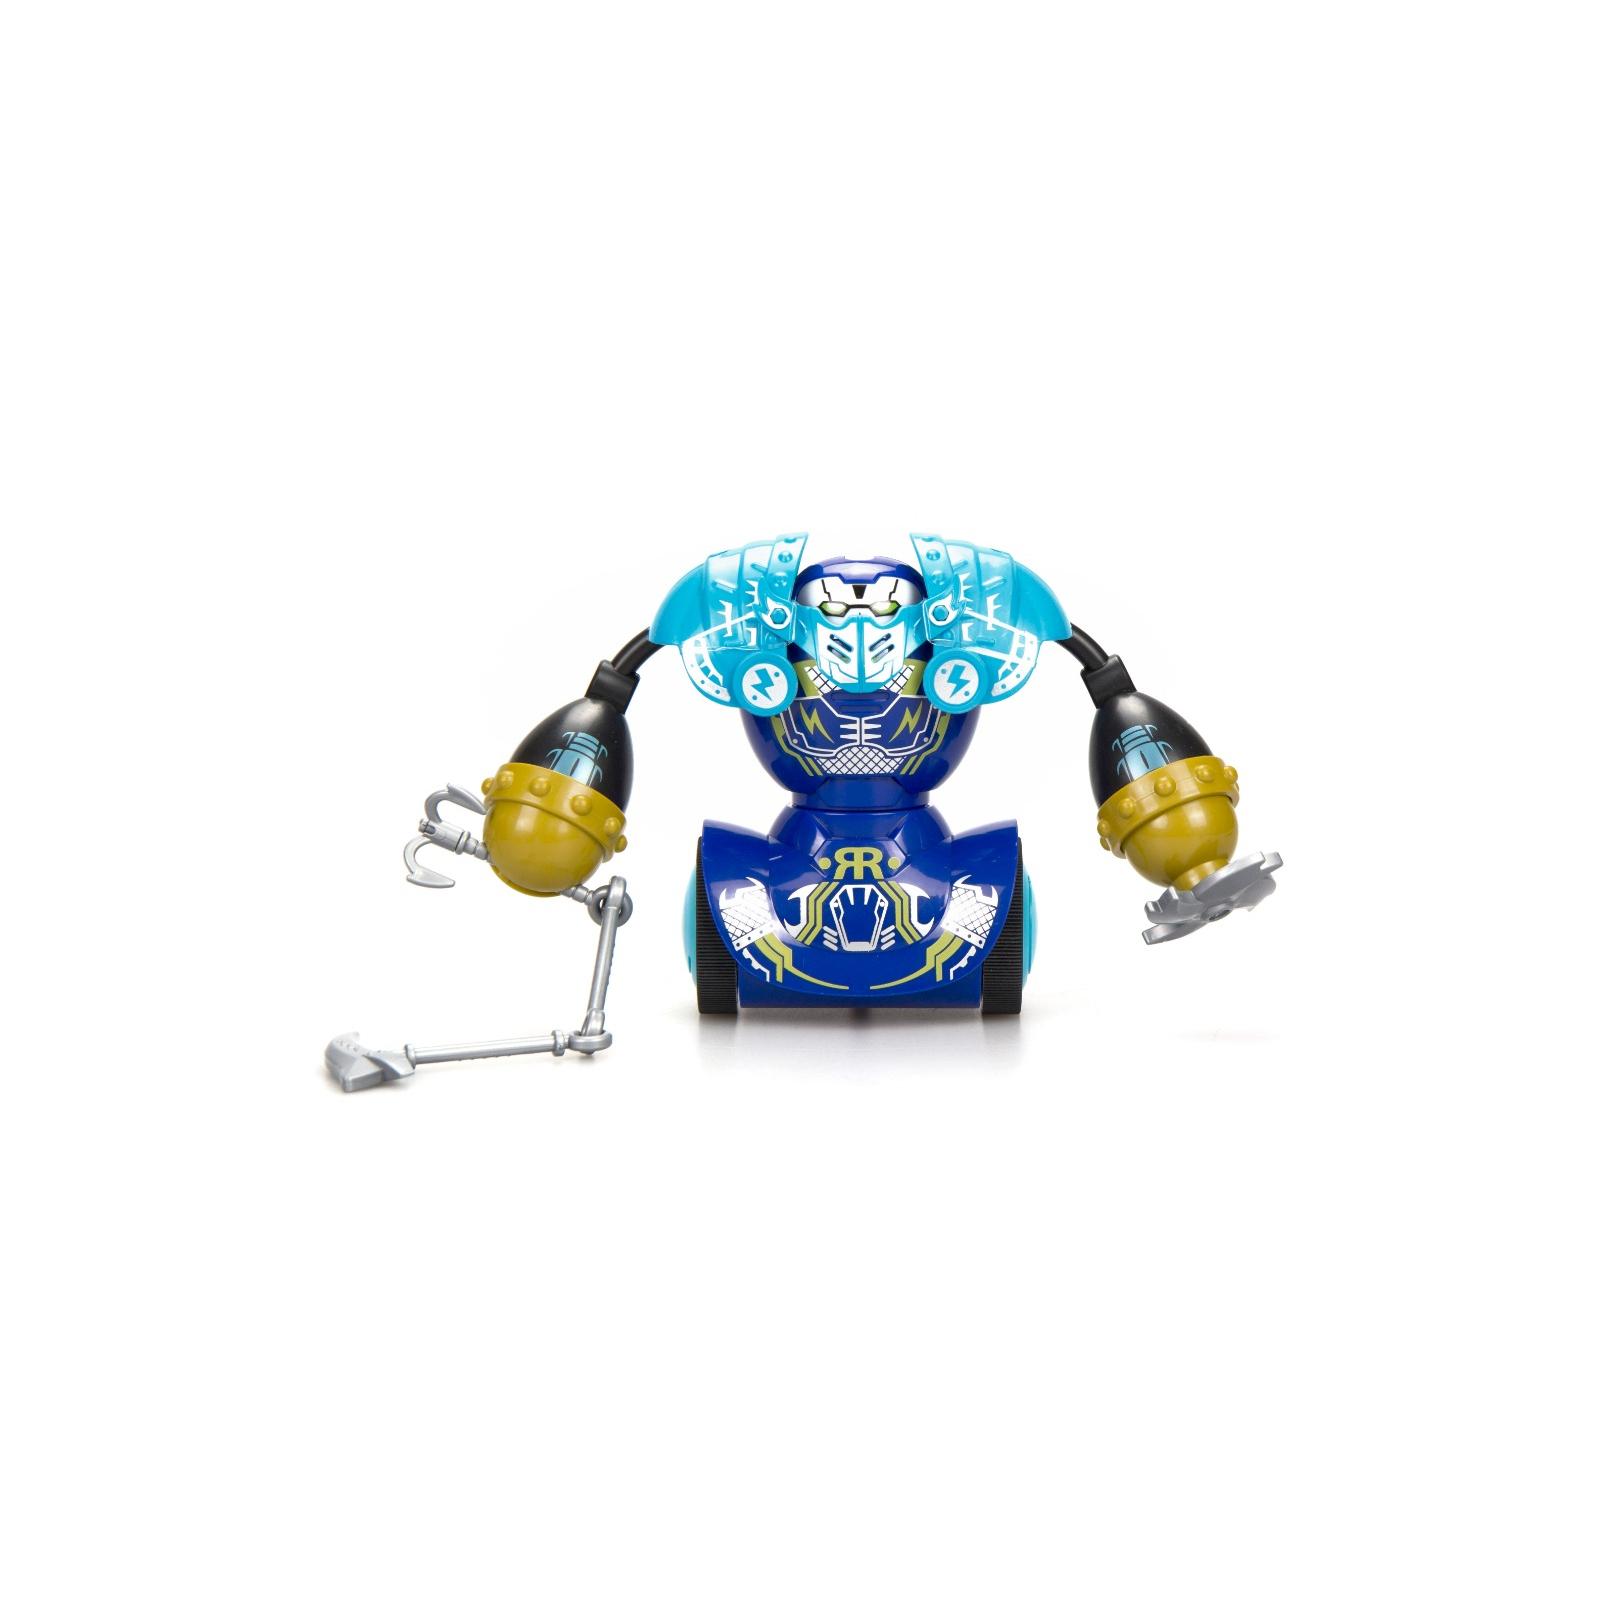 Интерактивная игрушка Silverlit Роботы-самураи (88056) изображение 4